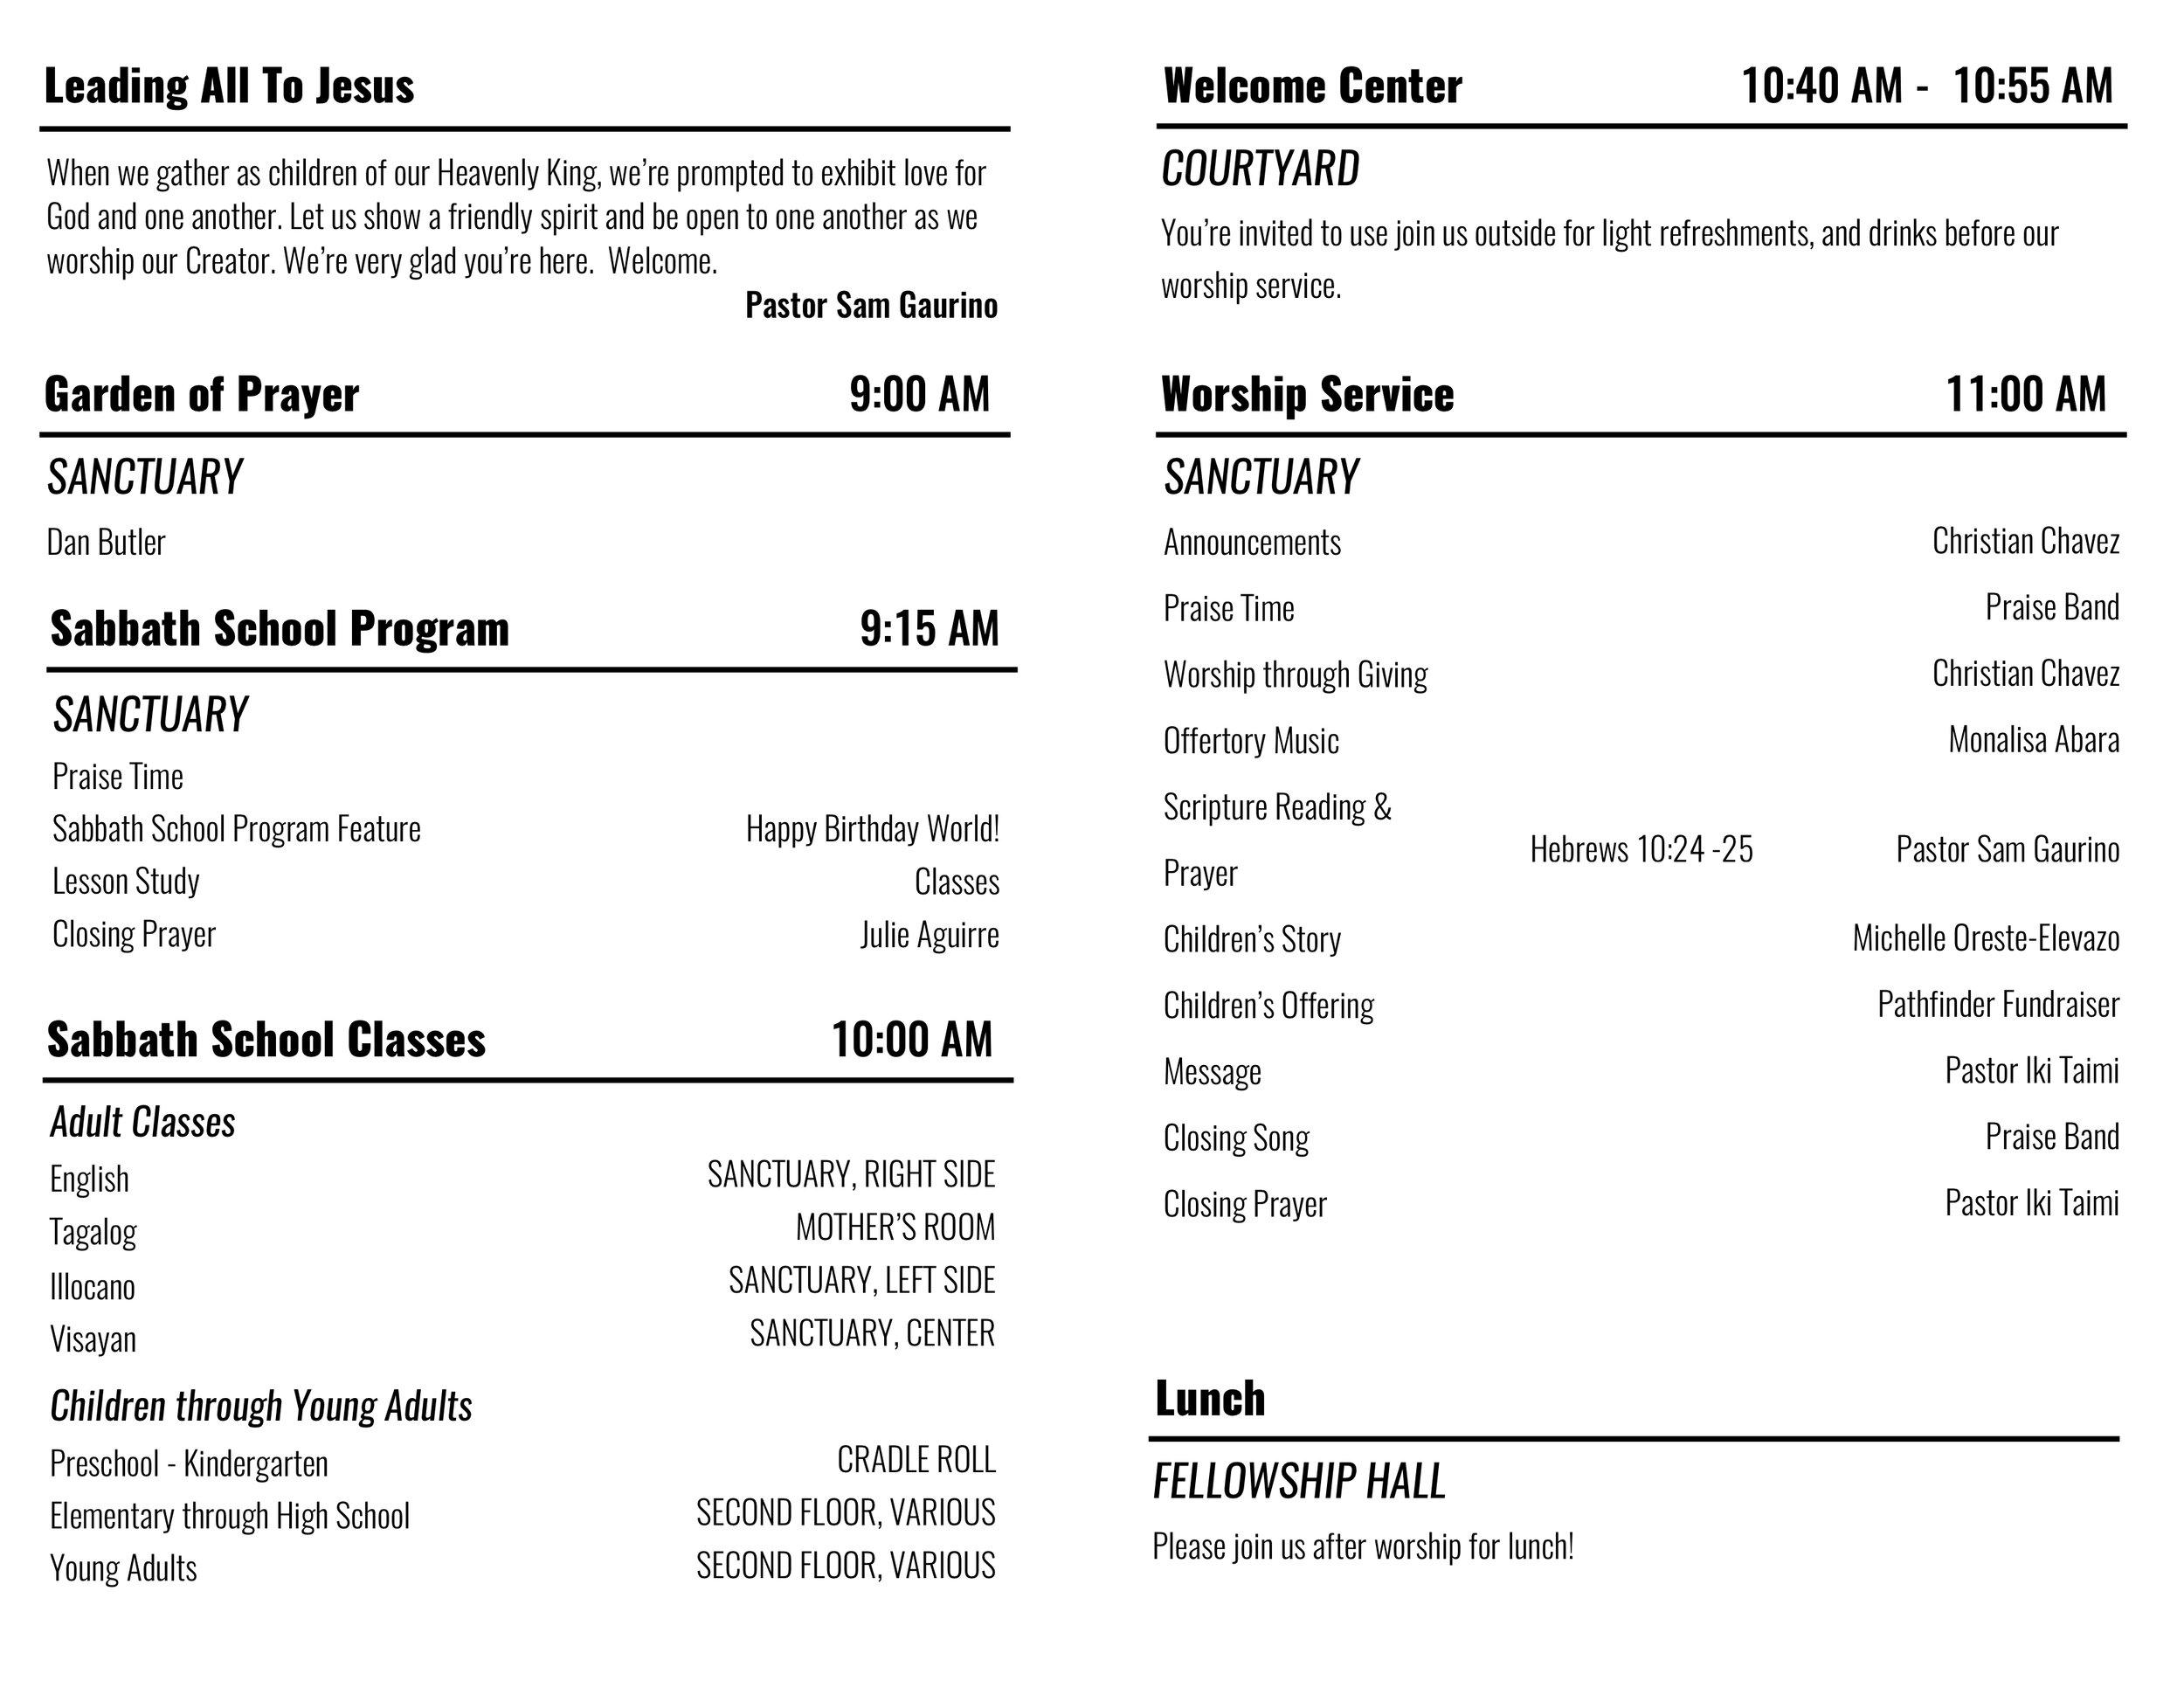 Church Program Final copy.jpg